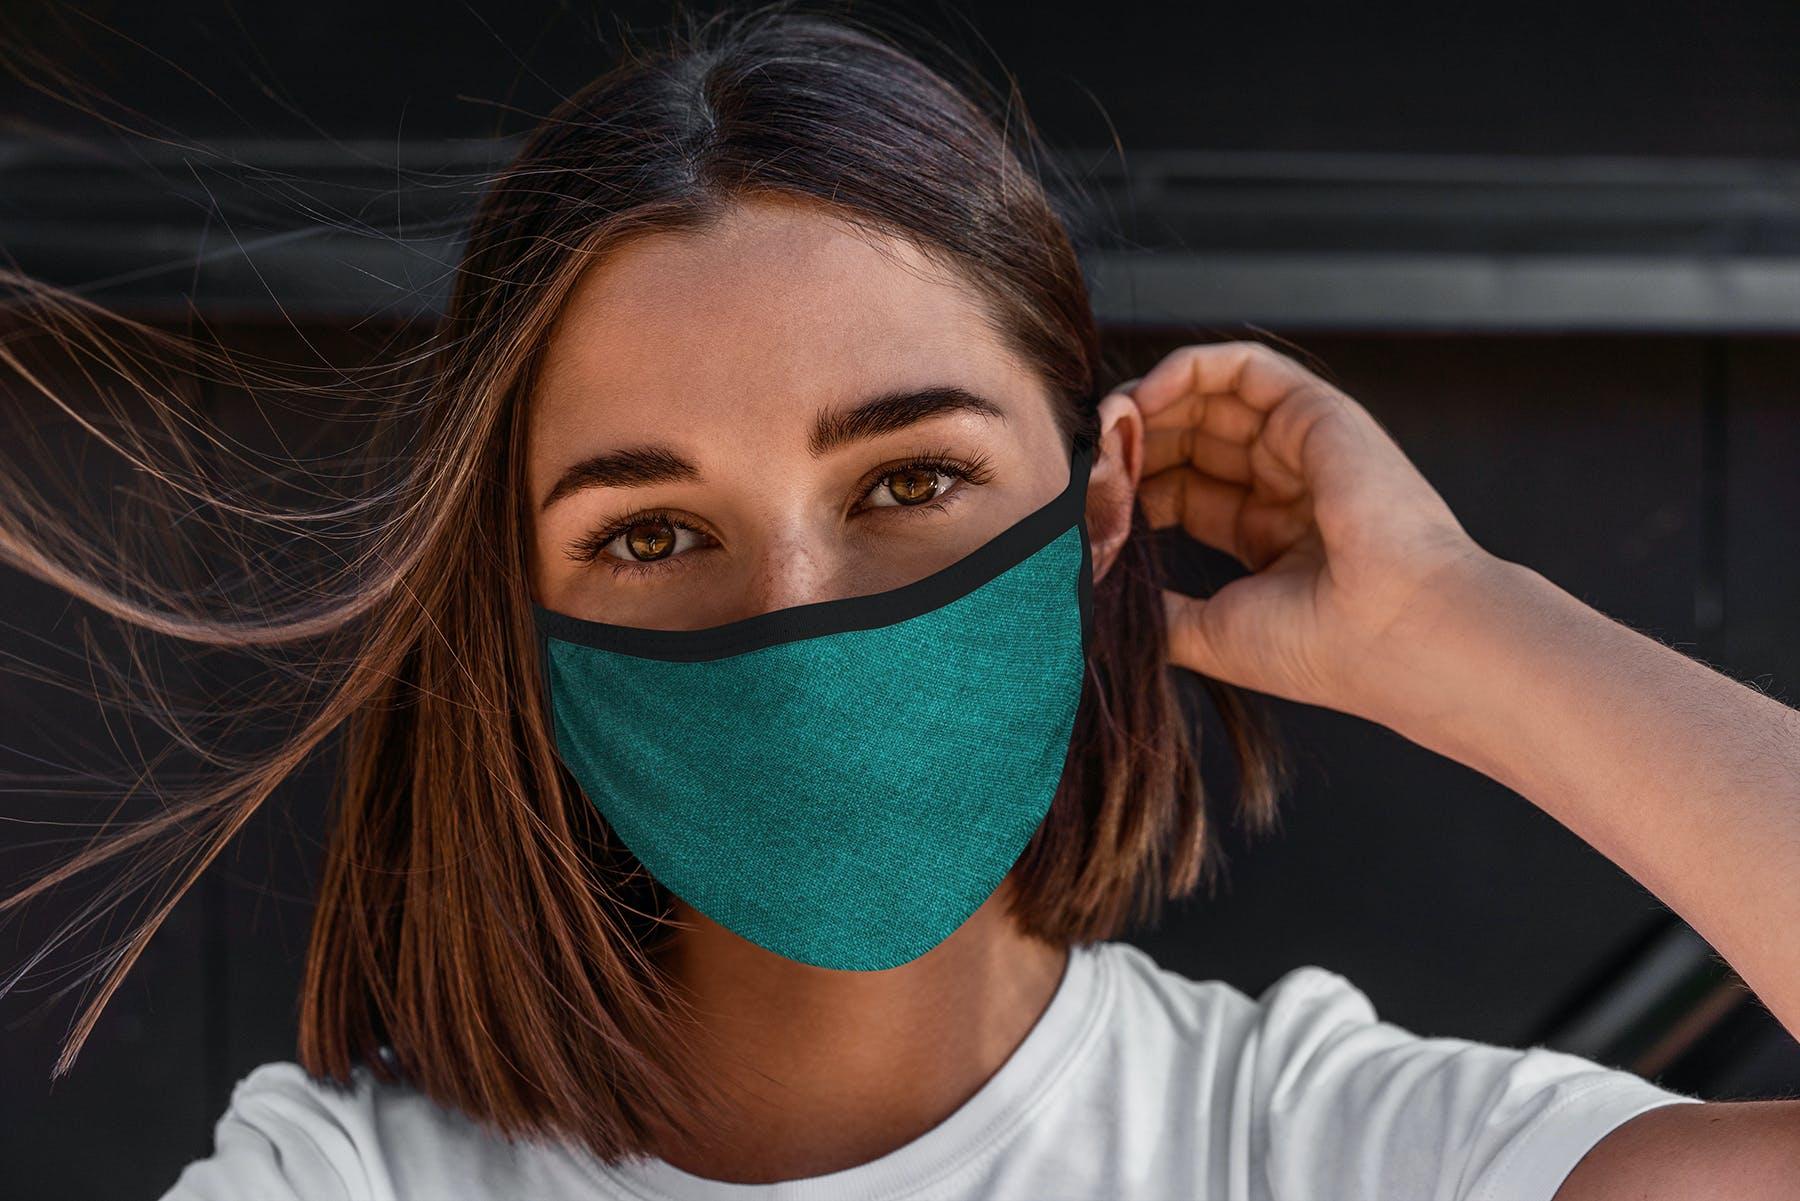 17款防护面罩口罩印花设计展示样机模板 Face Mask Mockup Edges Model插图(14)